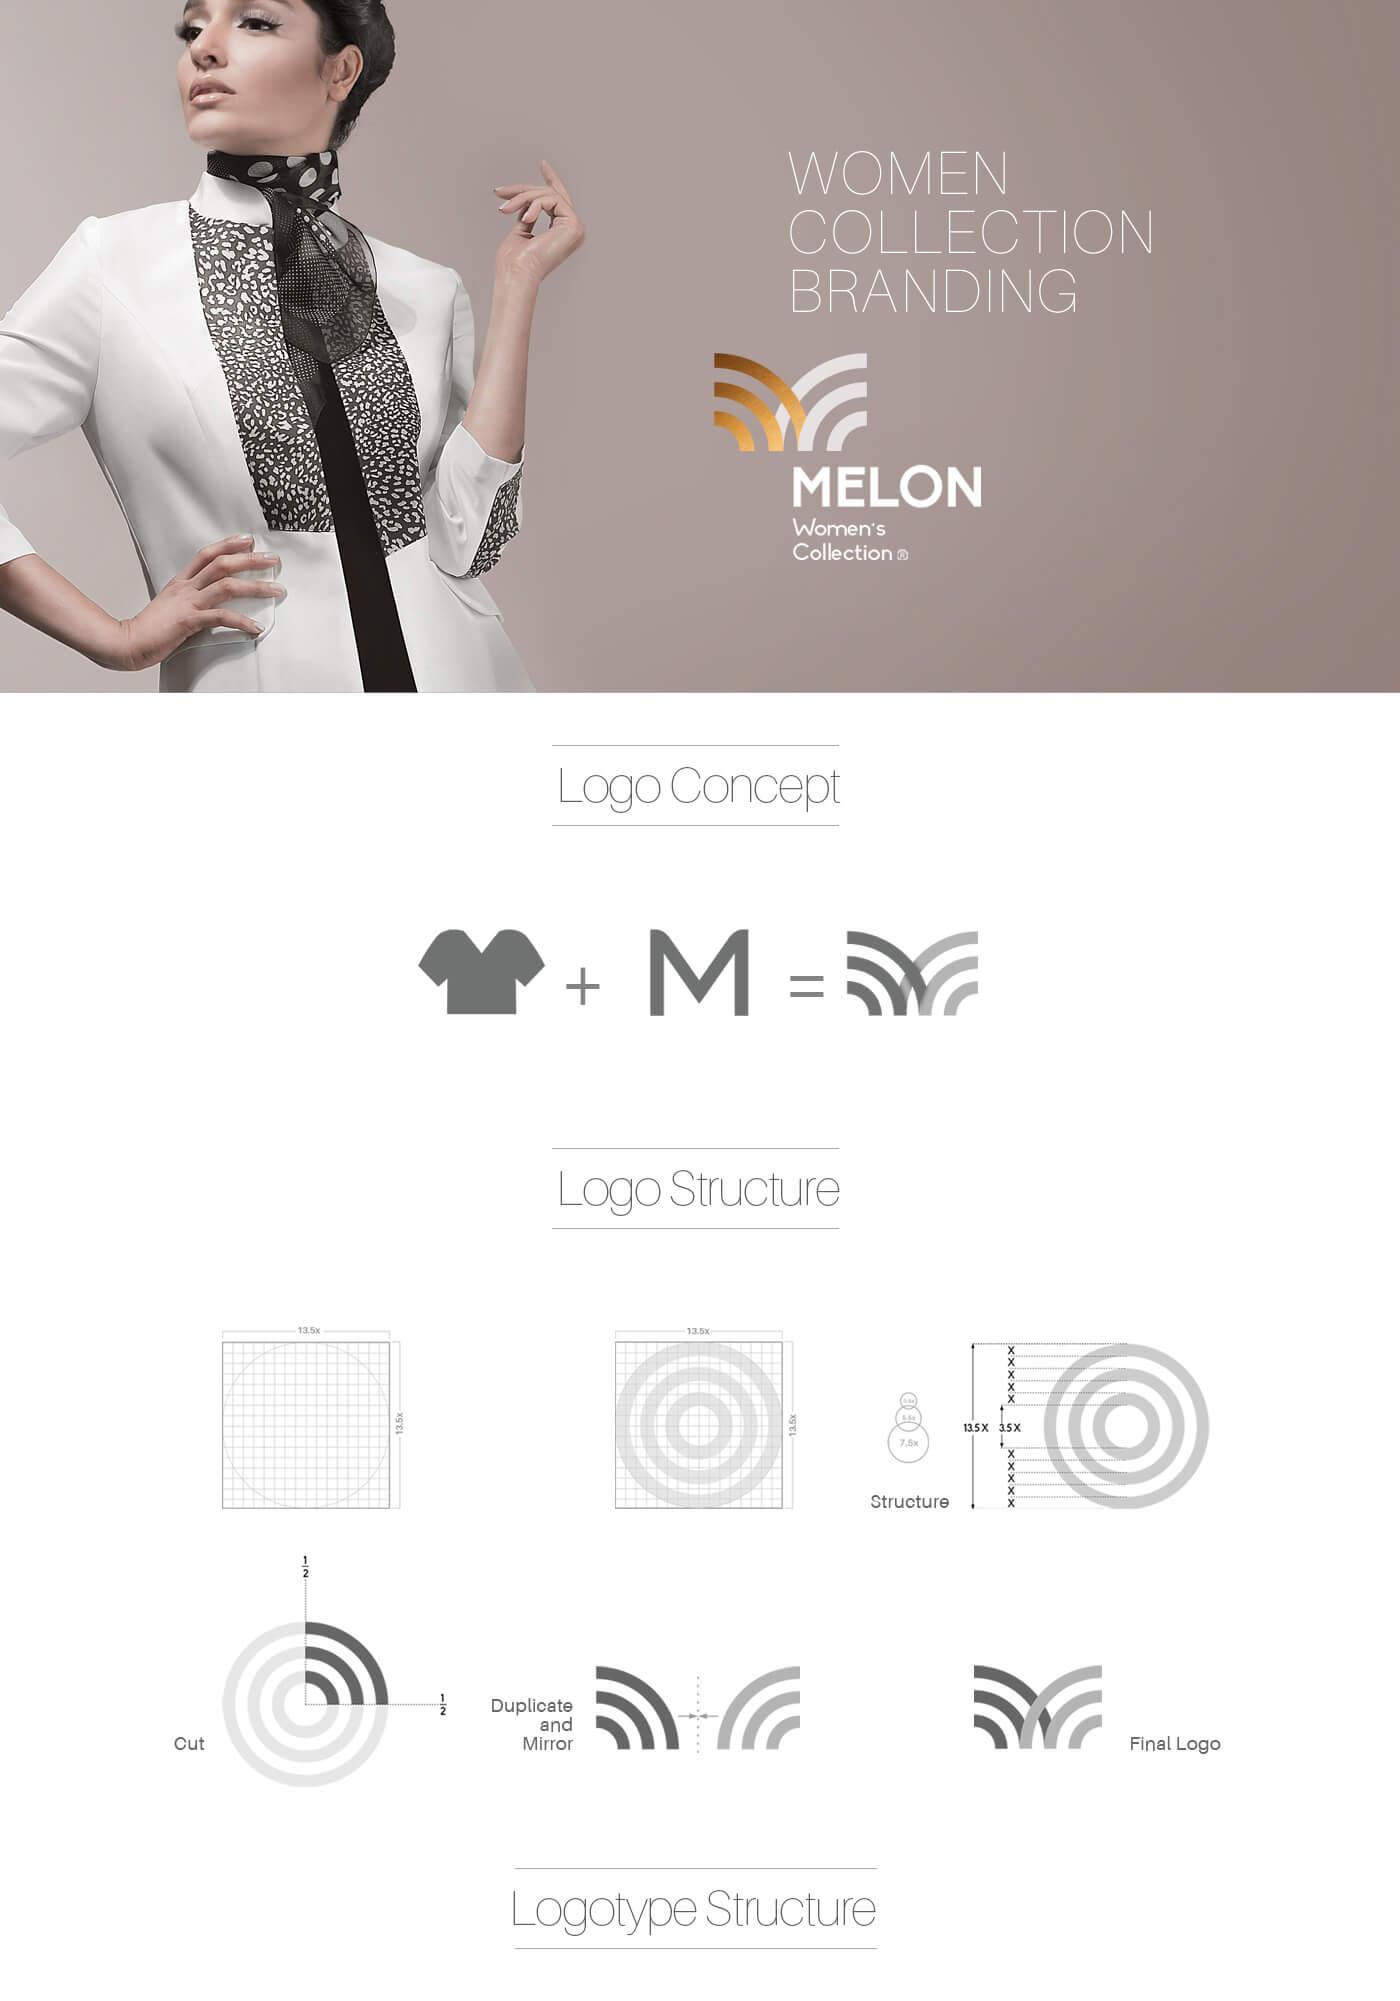 هویت بصری مجموعه طراحی لباس بانوان ملون 1، طراحی لباس بانوان ملون، هویت بصری، طراحی لوگو، طراحی لوگوتایپ، طراحی ست اداری، طراحی اوراق اداری، شرکت تبلیغاتی الف، طراحی هویت بصری